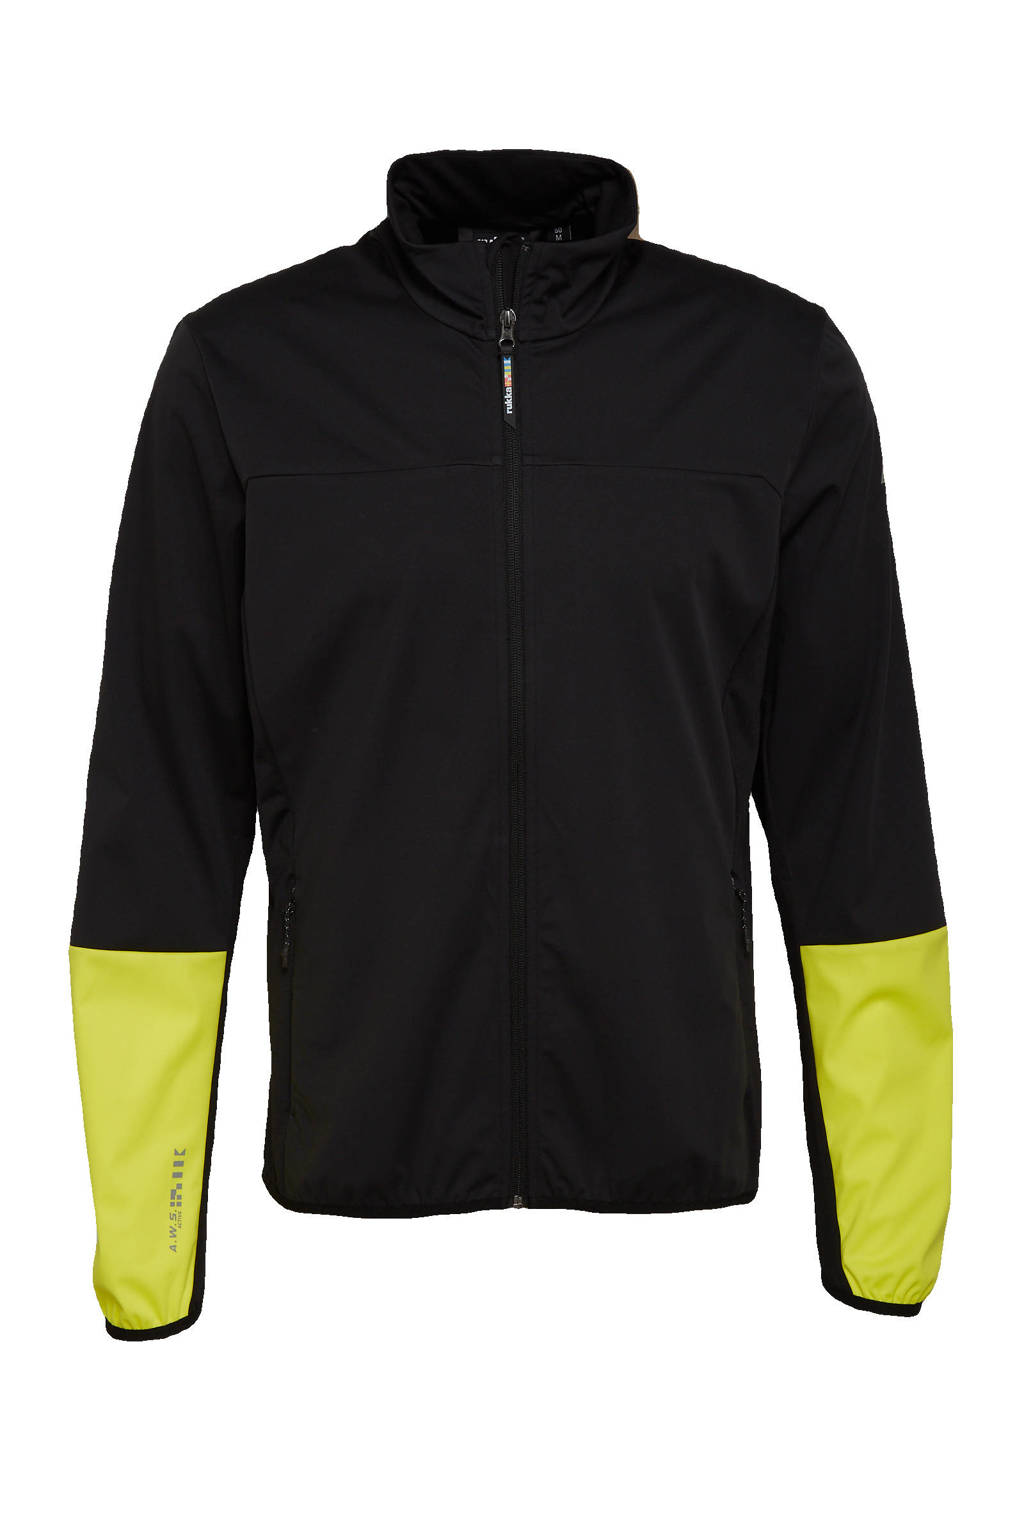 Rukka hardloopjack Metviko zwart/geel, Zwart/geel